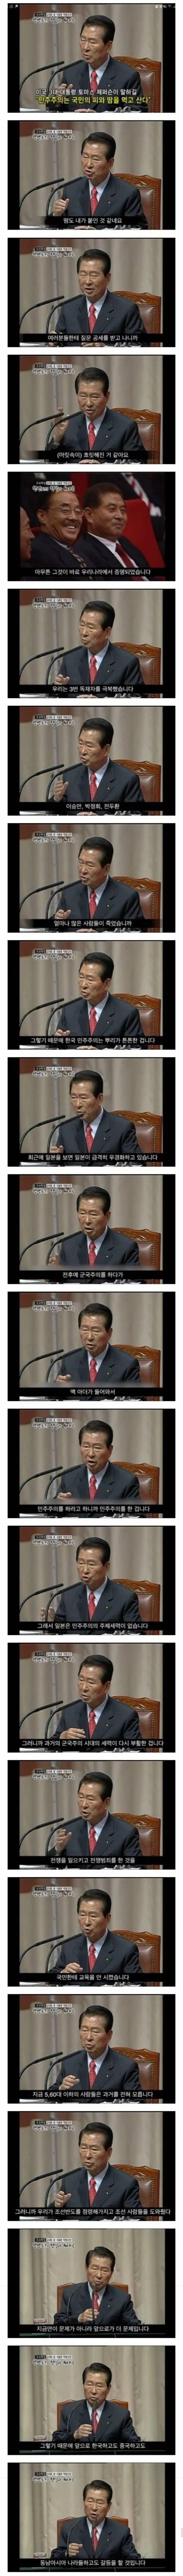 혼란의 아시아 지금 시국에 생각나는 전 대통령 발언 | 인스티즈